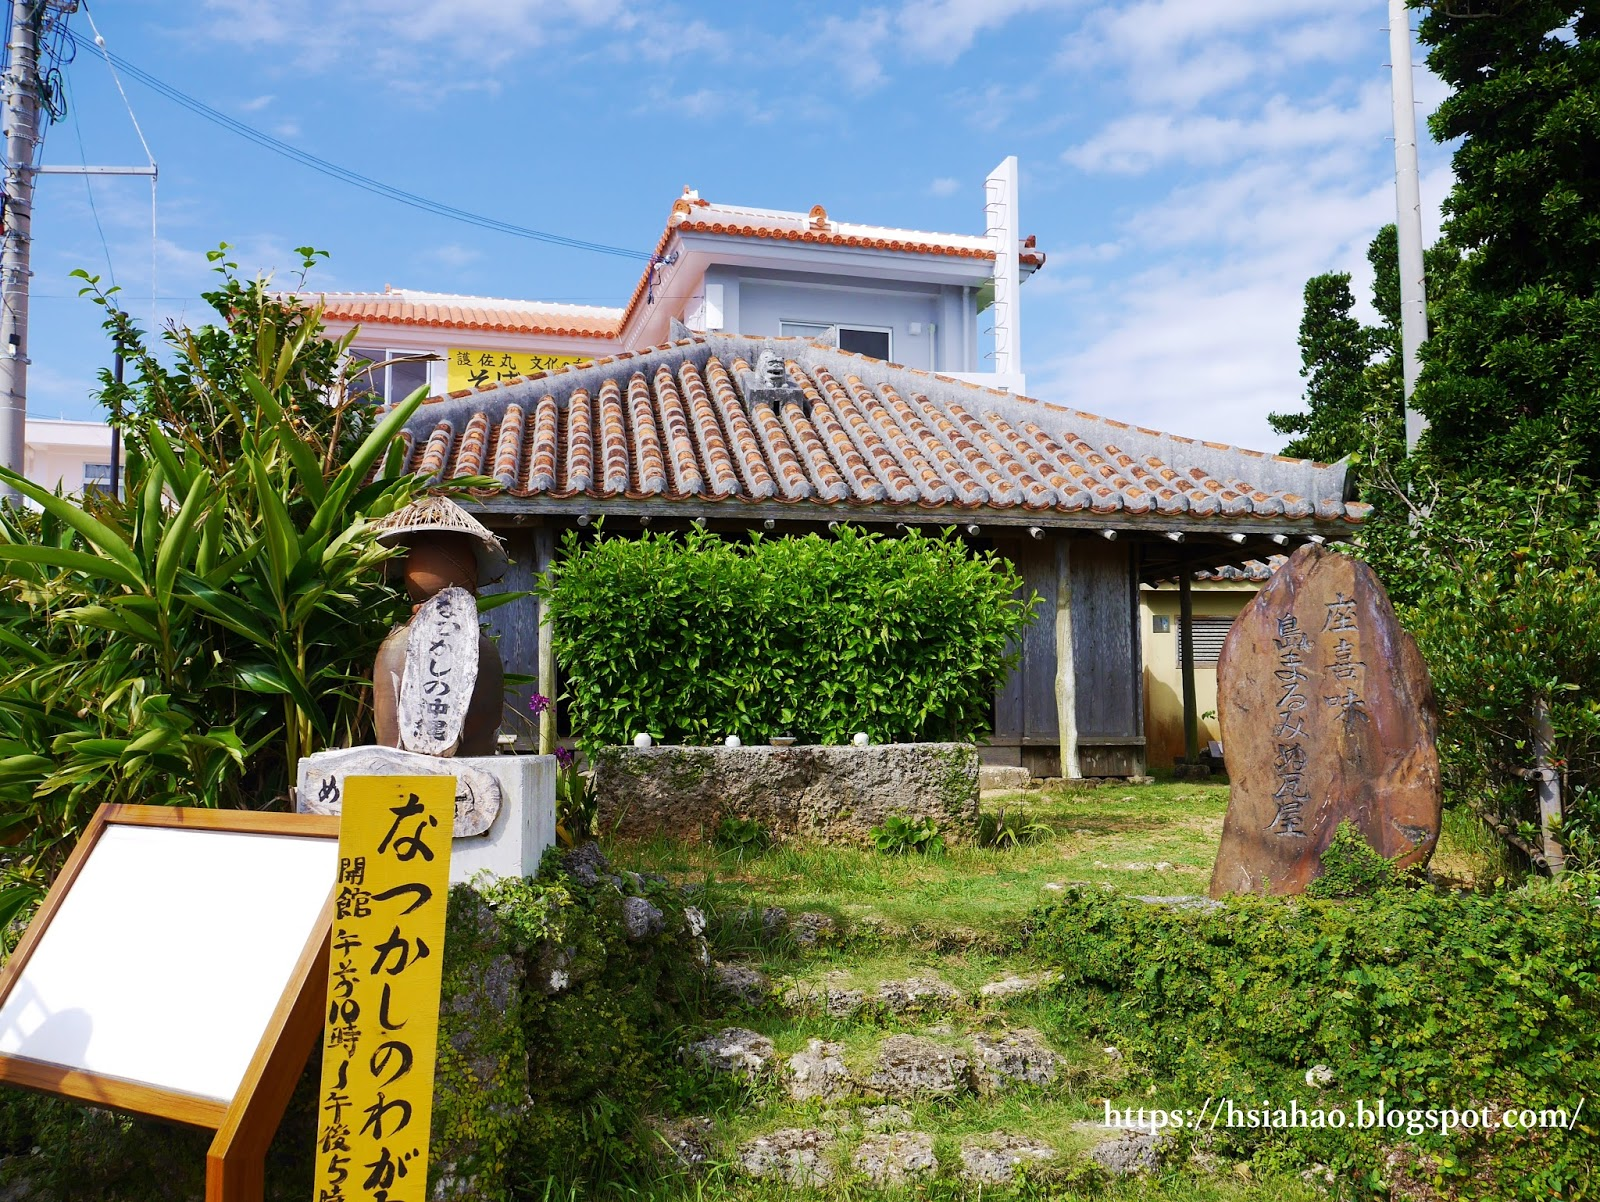 沖繩-推薦-景點-島まるみぬ瓦屋-自由行-旅遊-Okinawa-Yomitan